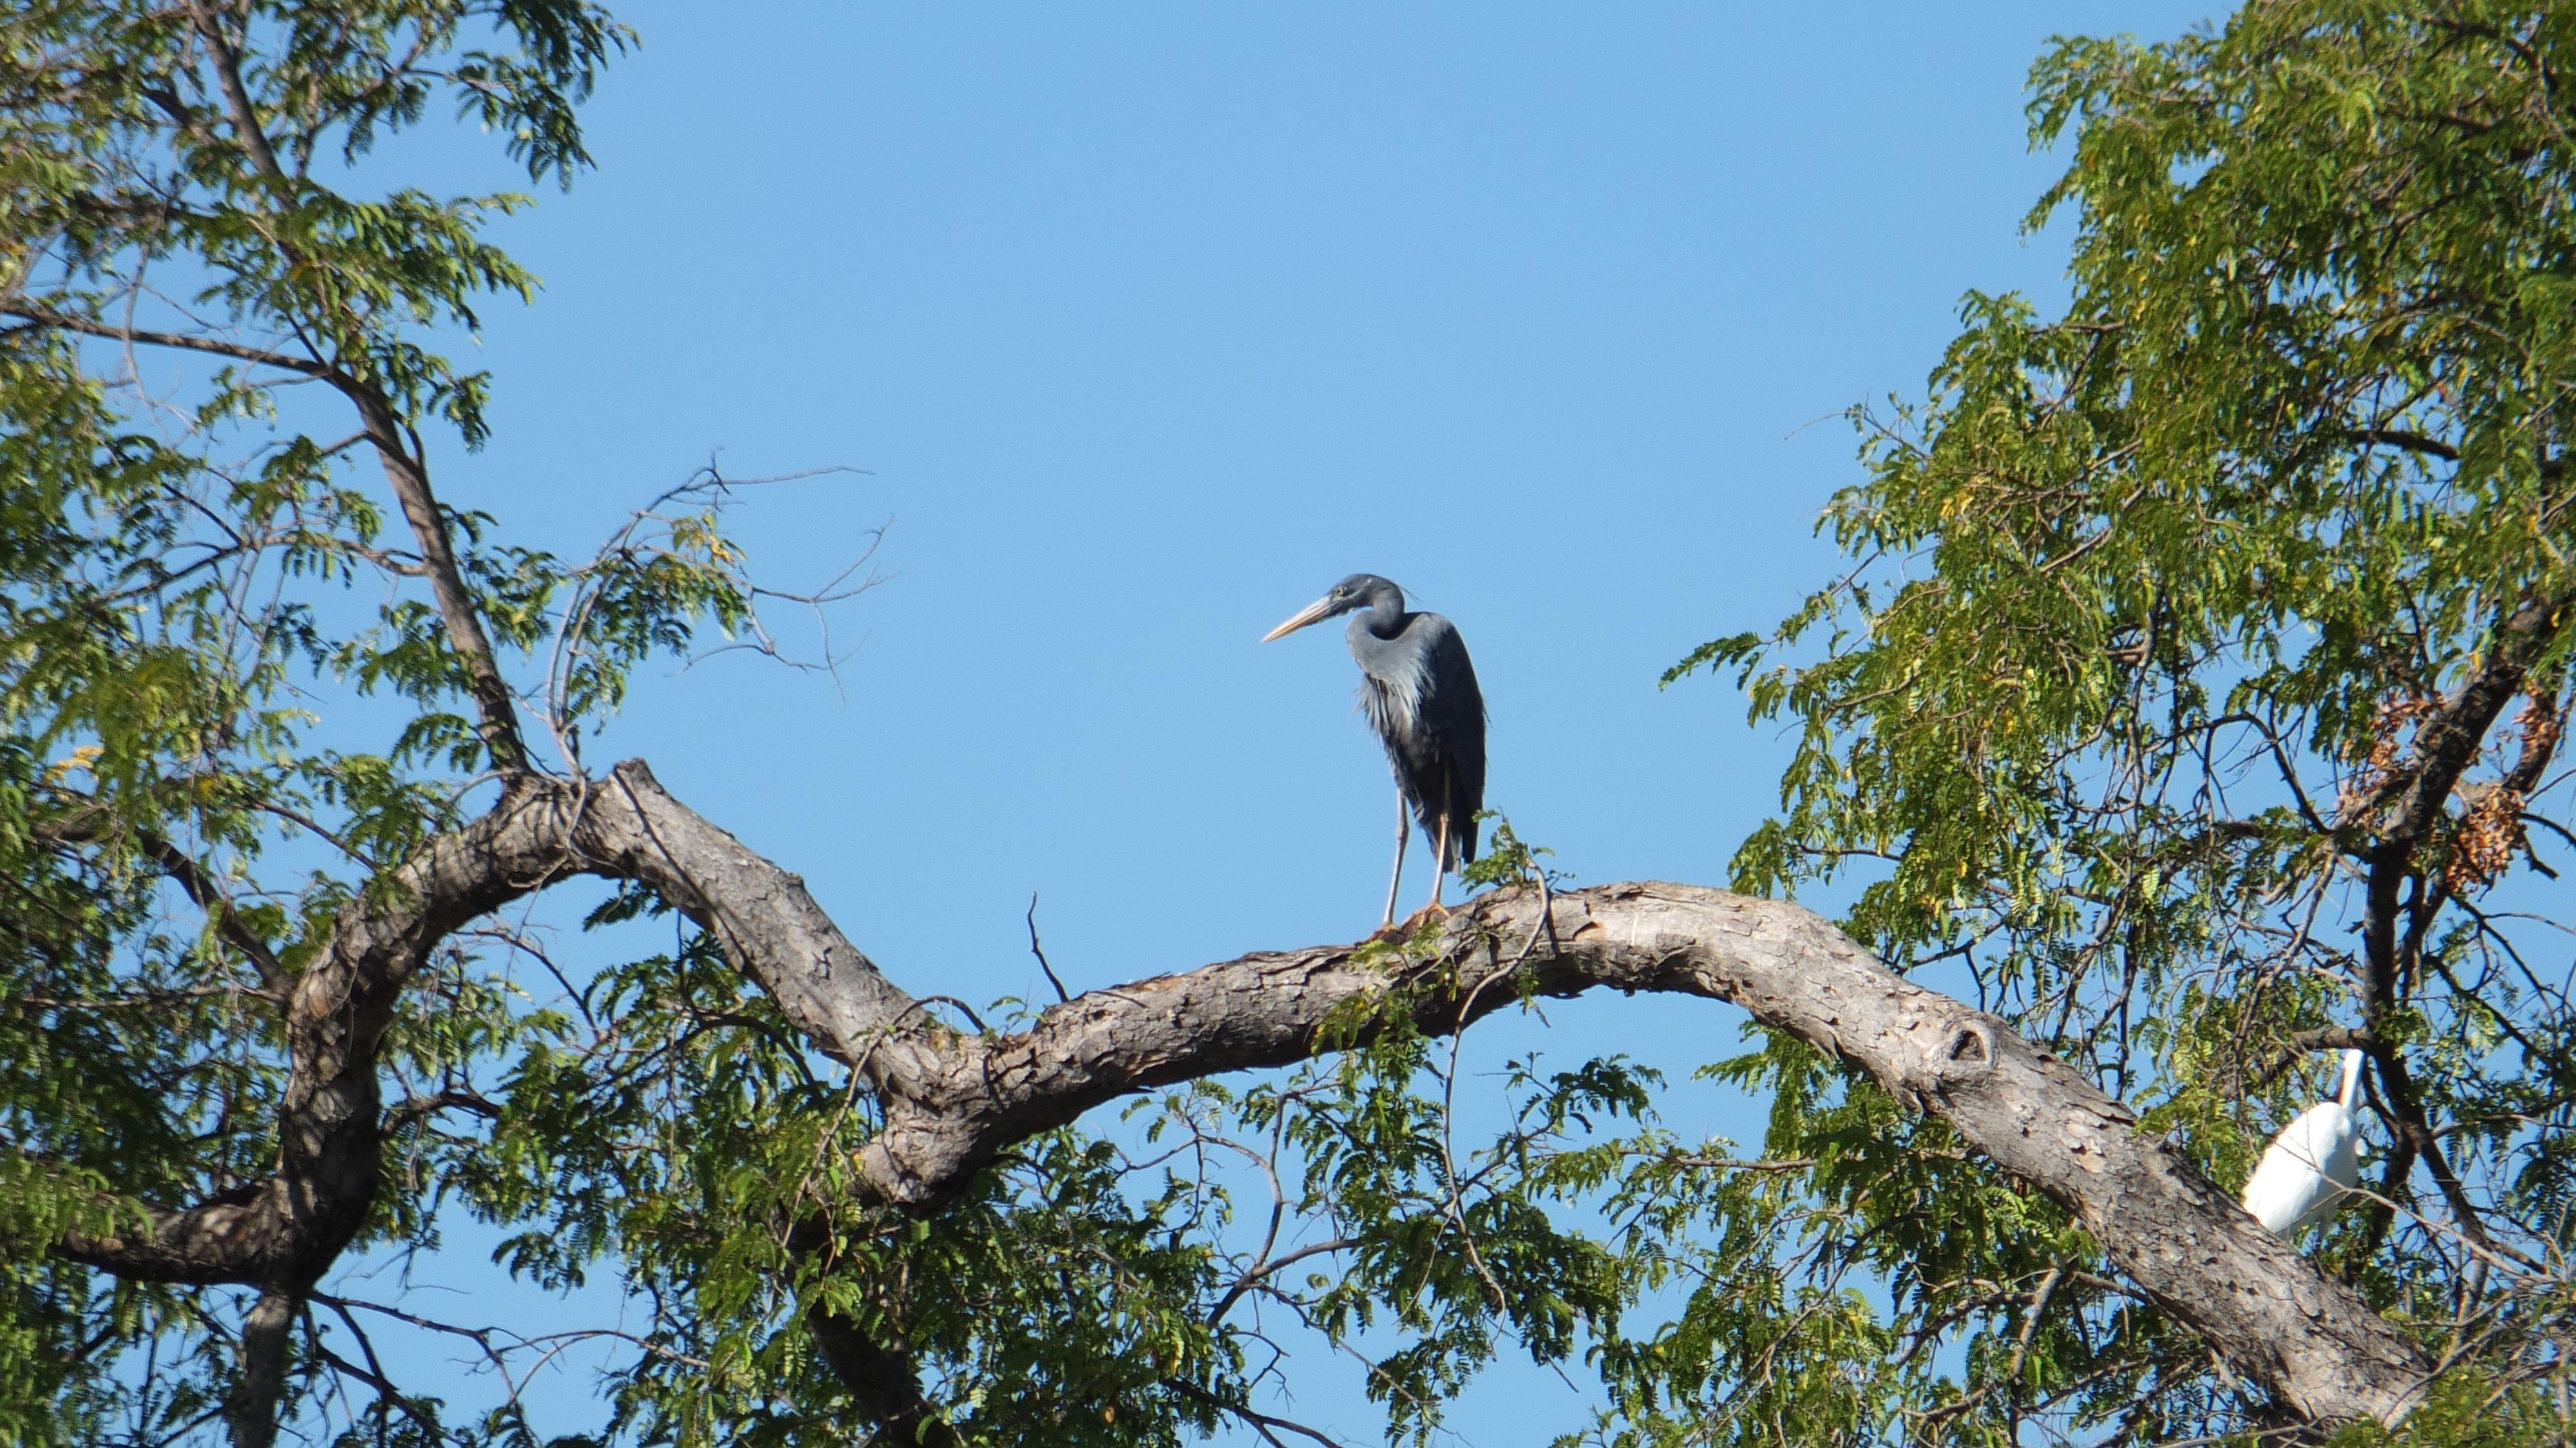 Aspinall 2020 07 Madagascar heron at Ambatomasina by Lucien Randrianarimanana 03